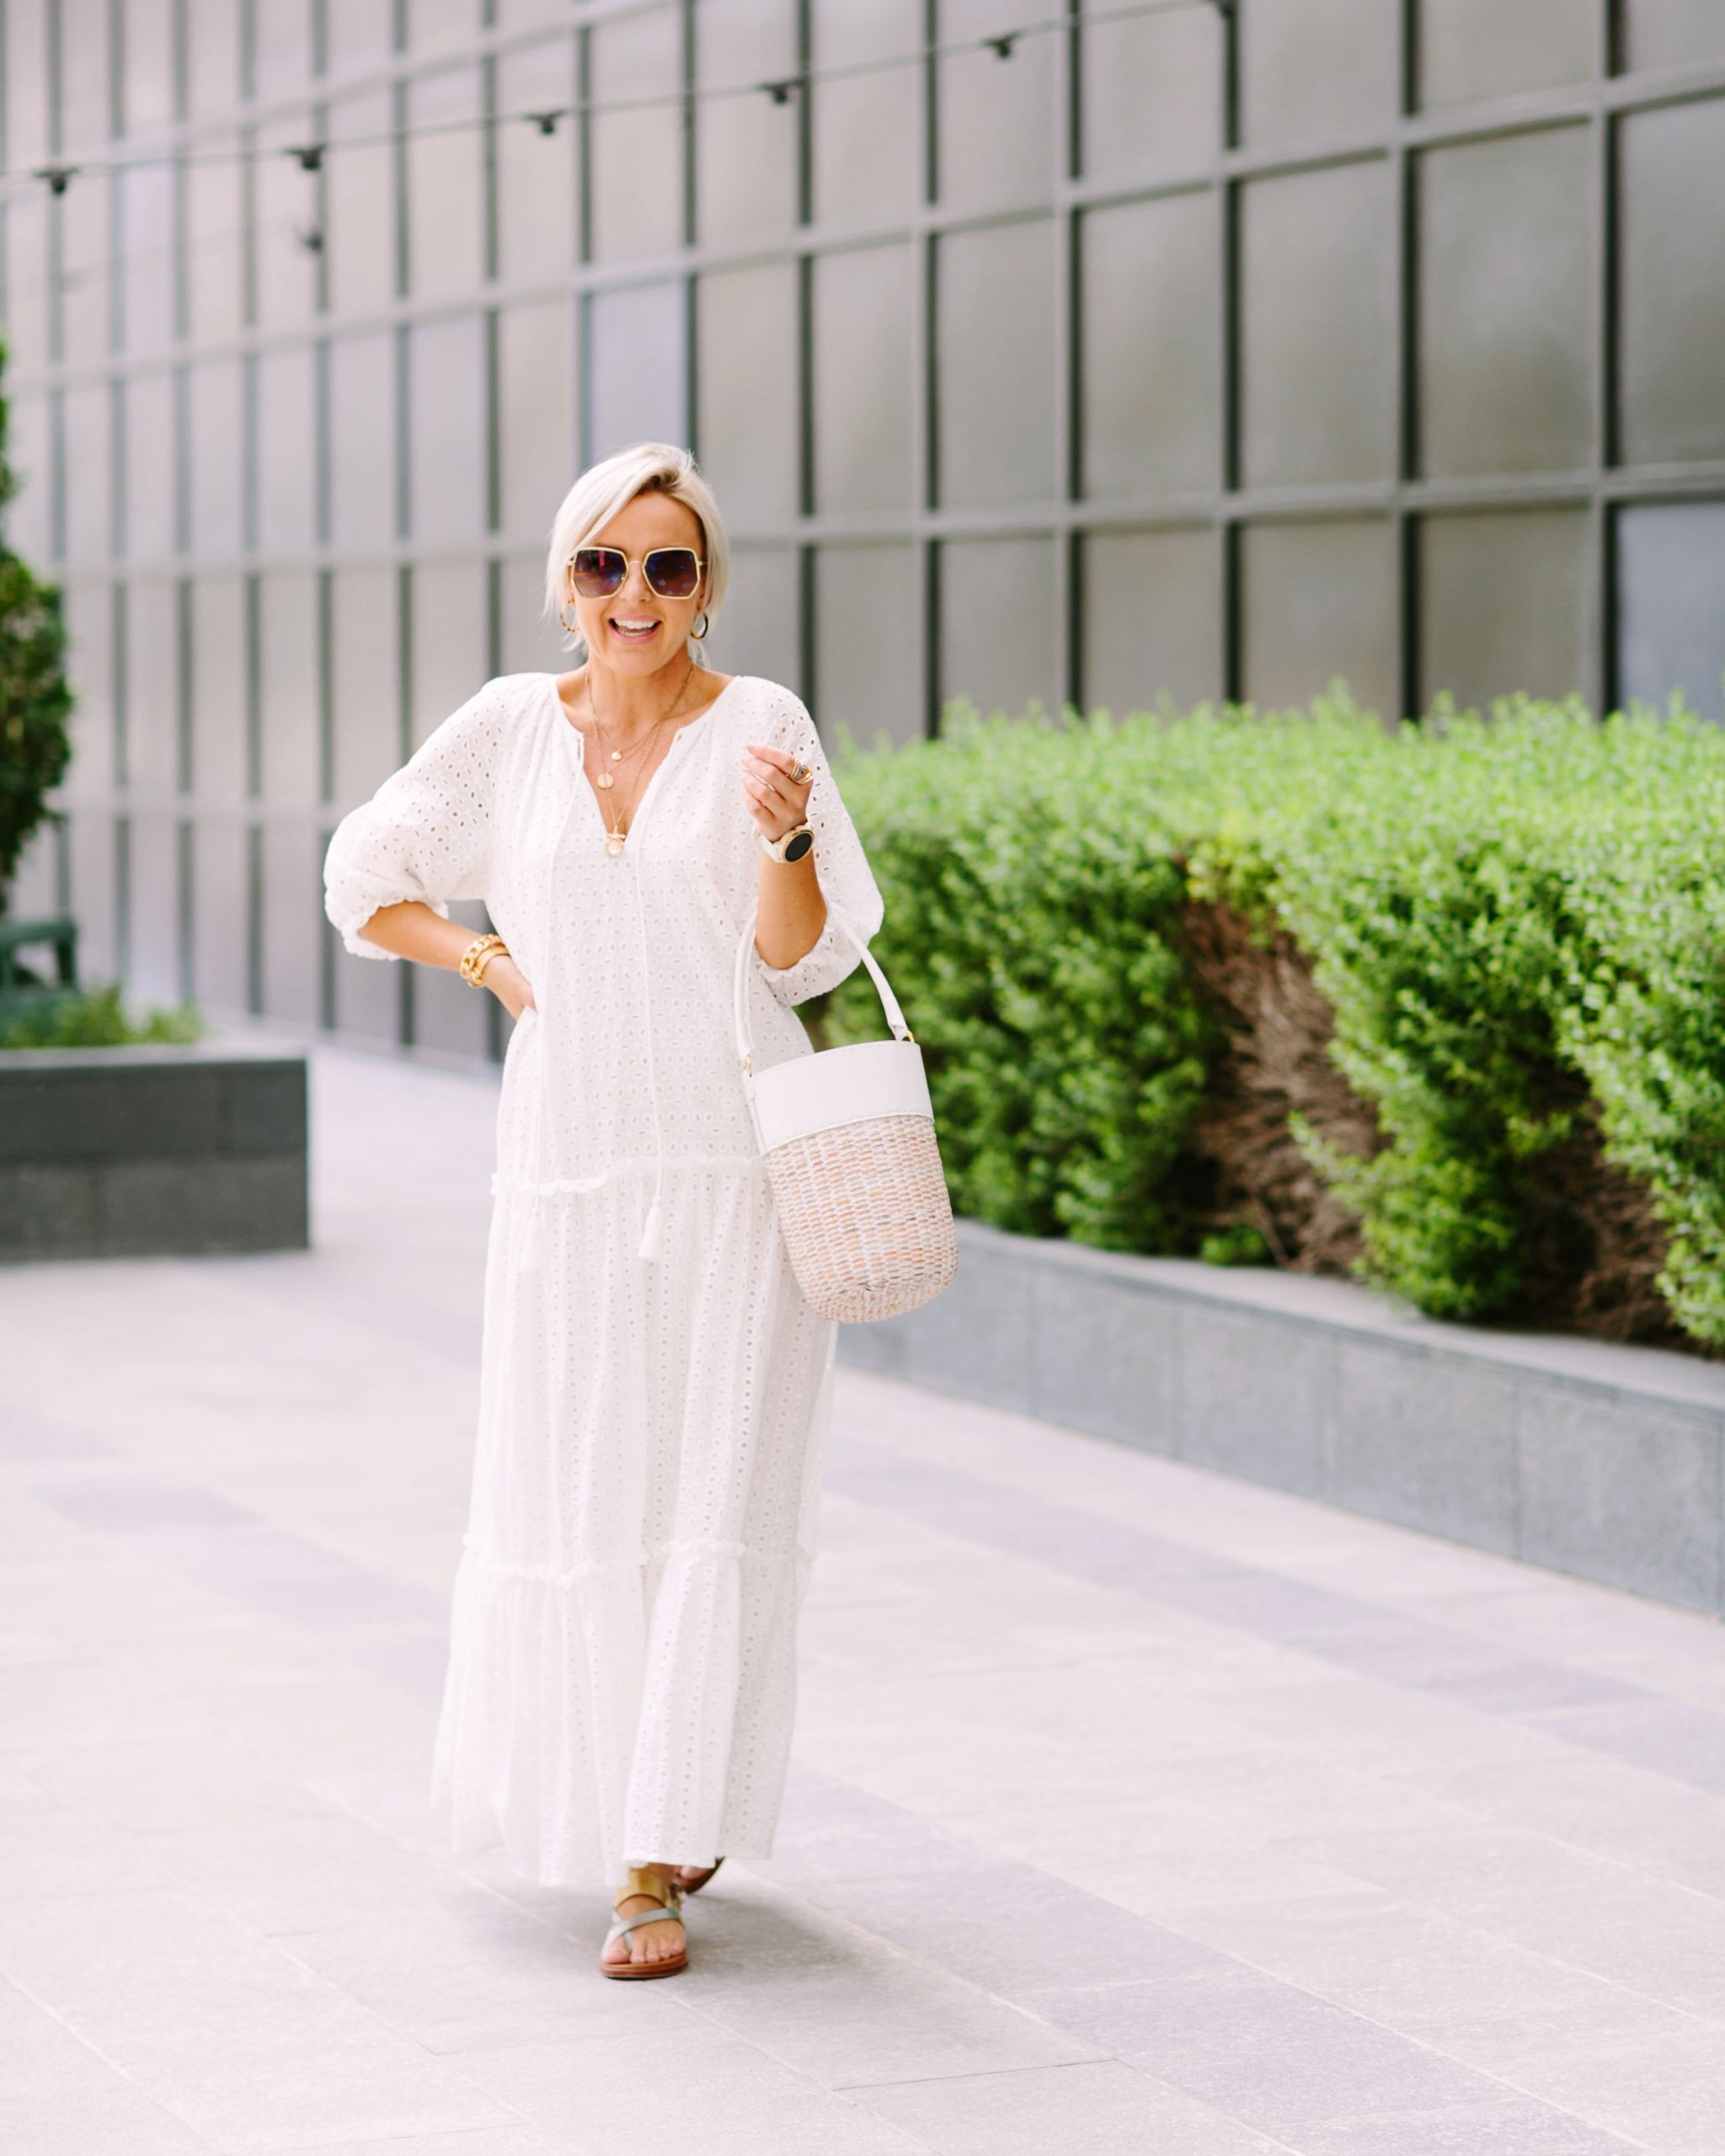 Summer Essentials: White Dress